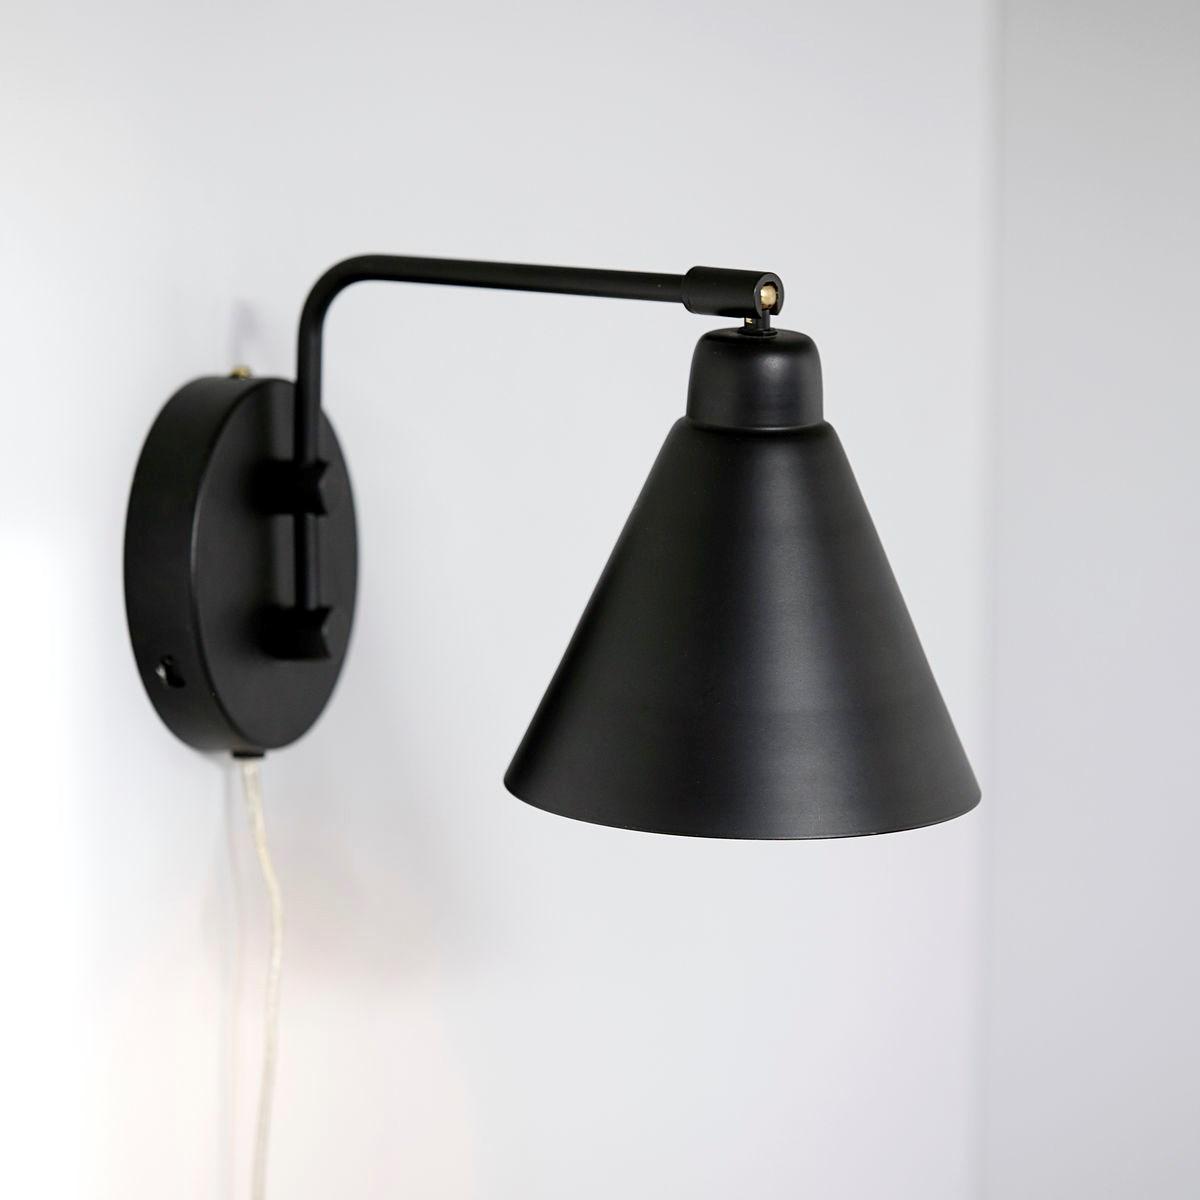 Nástěnná lampa GAME 30 cm (Cb0683)_2